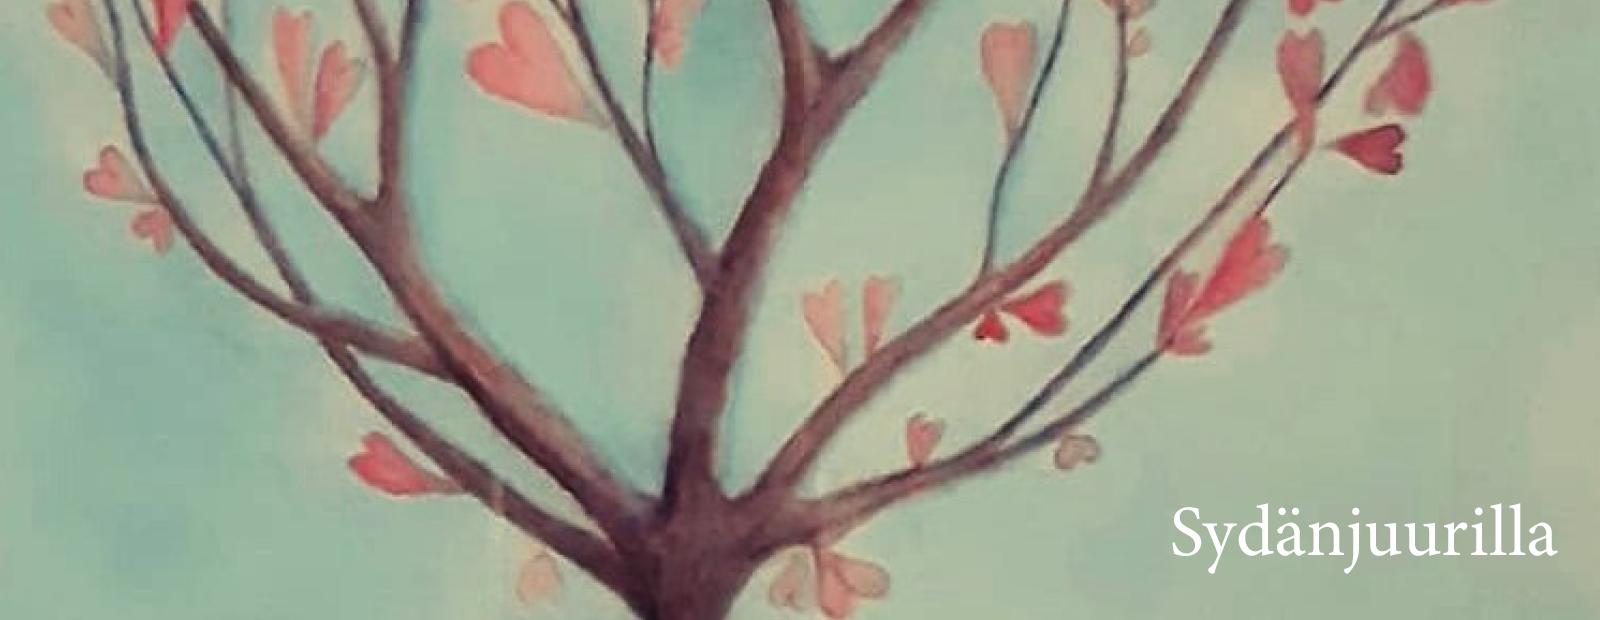 Puu, jossa on sydämiä. Teksti: Sydänjuurilla.